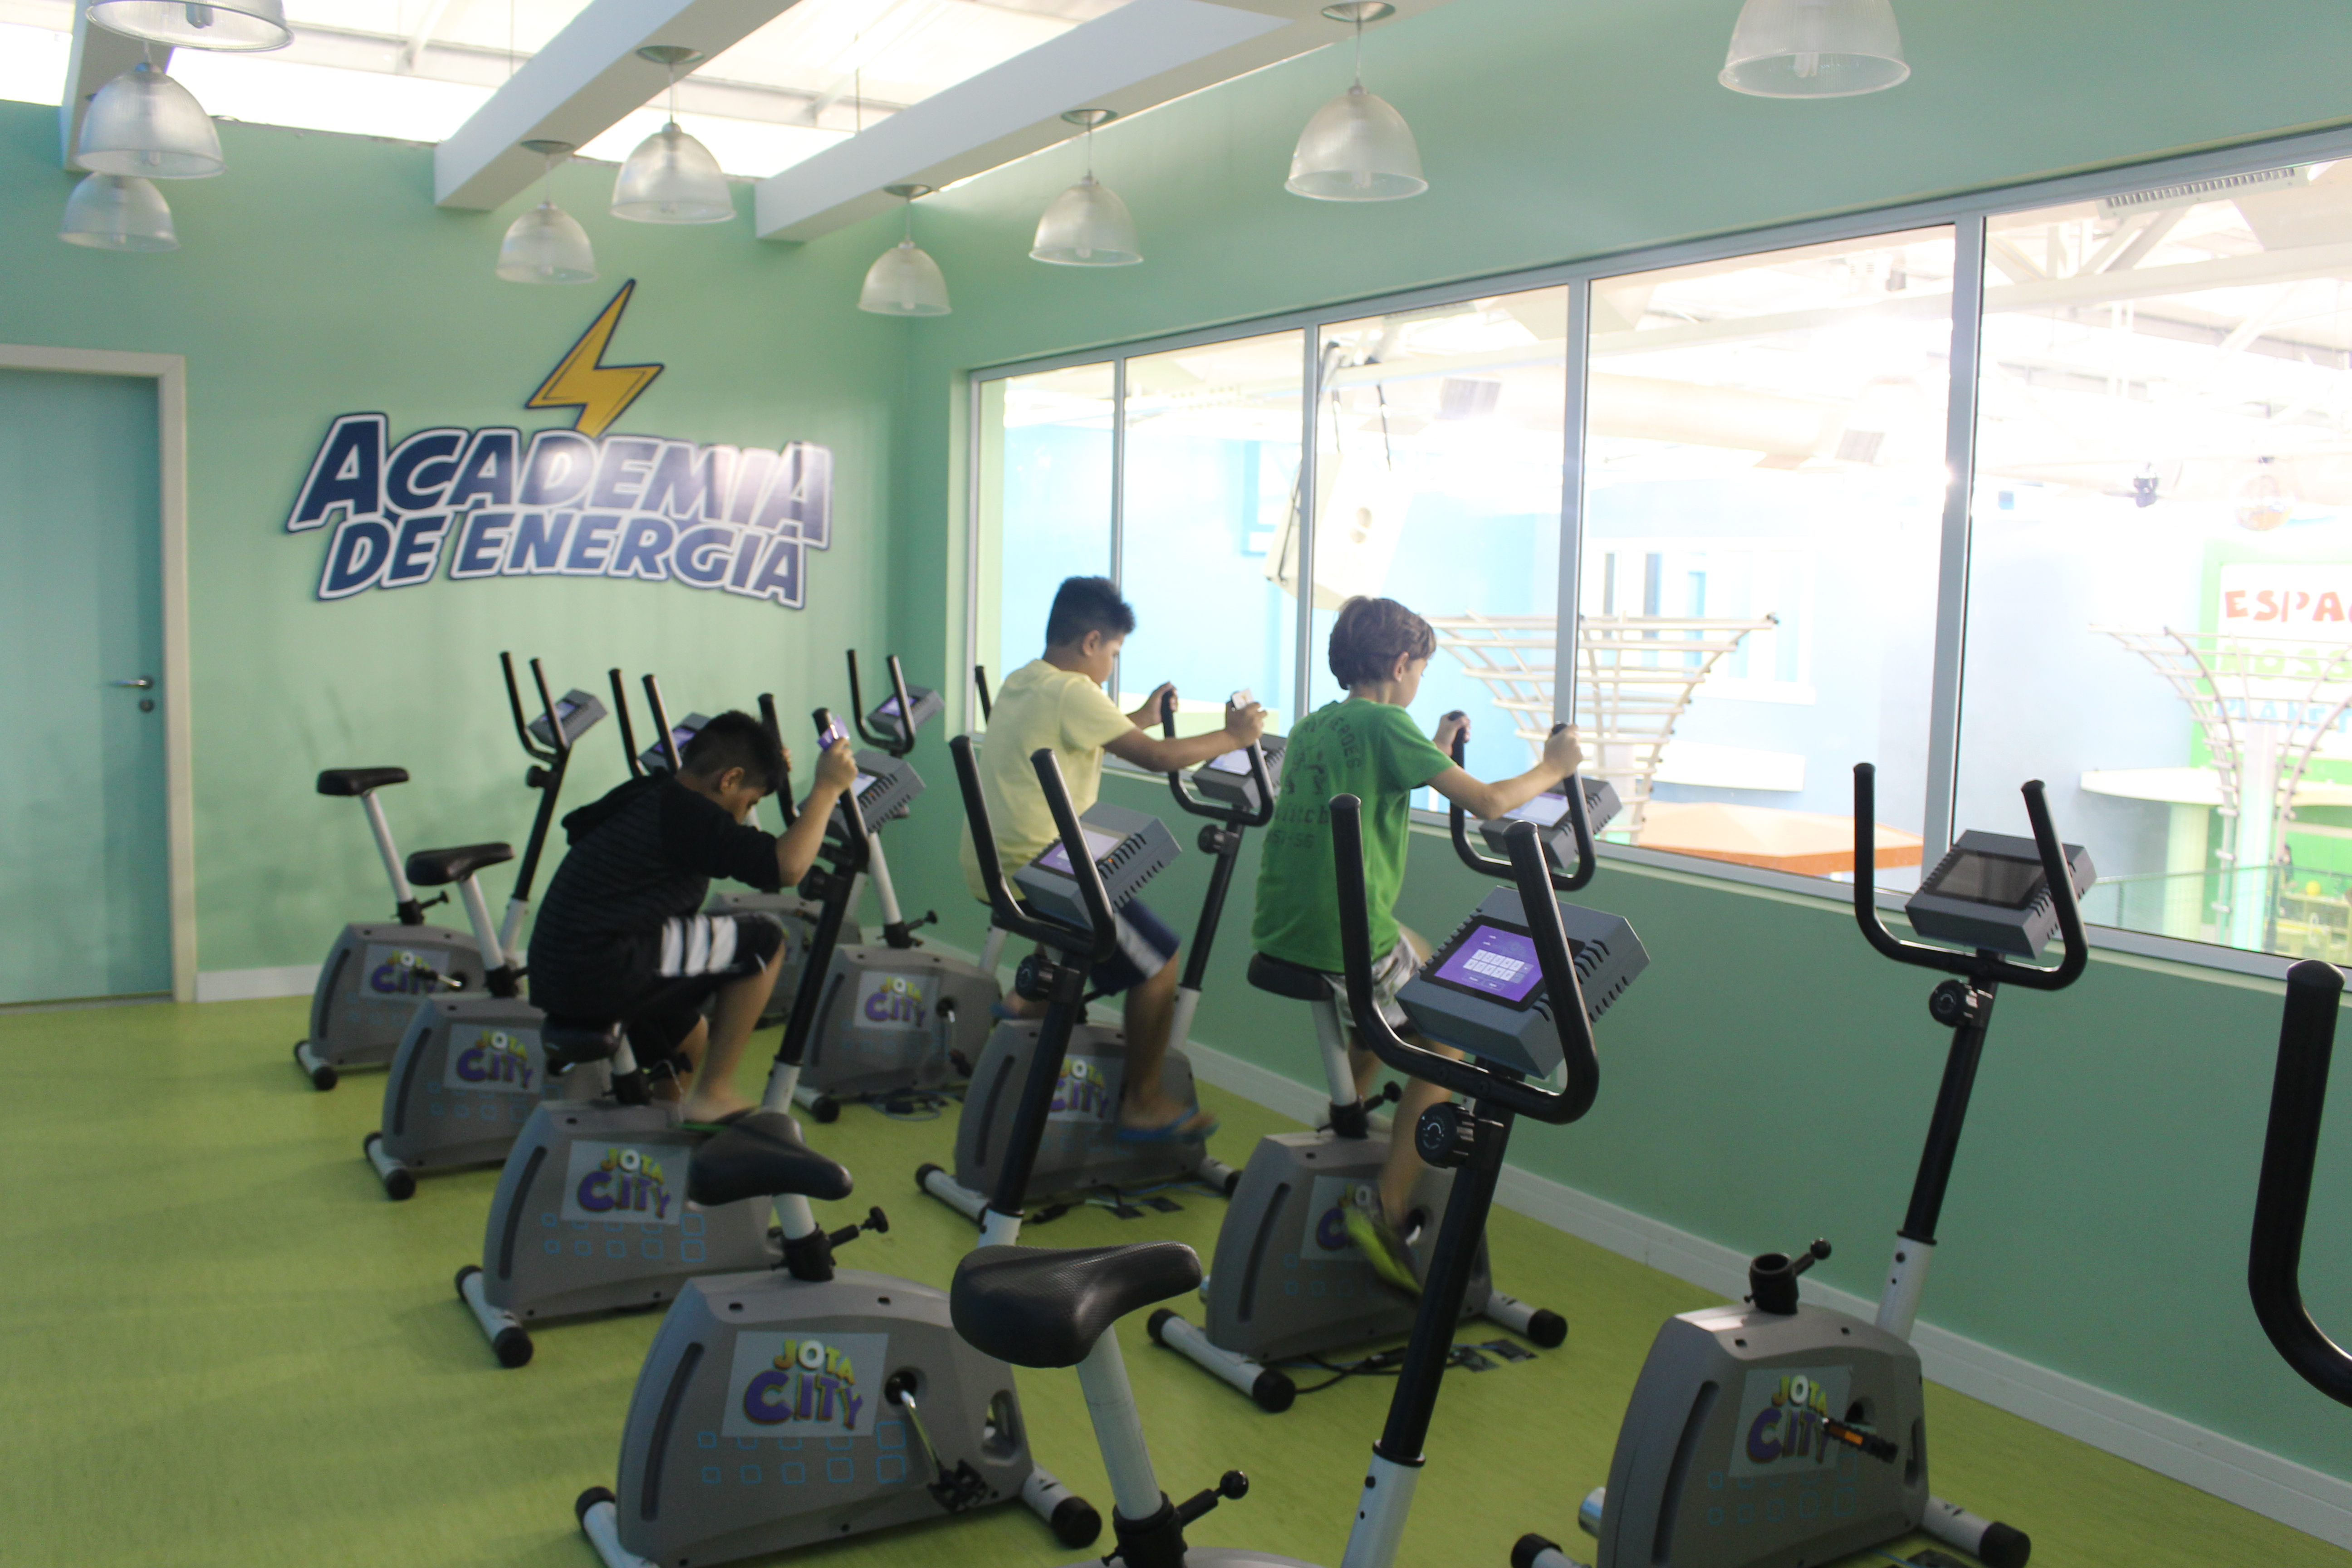 A criançada gerando energia para Jota City (Revista Embarque)